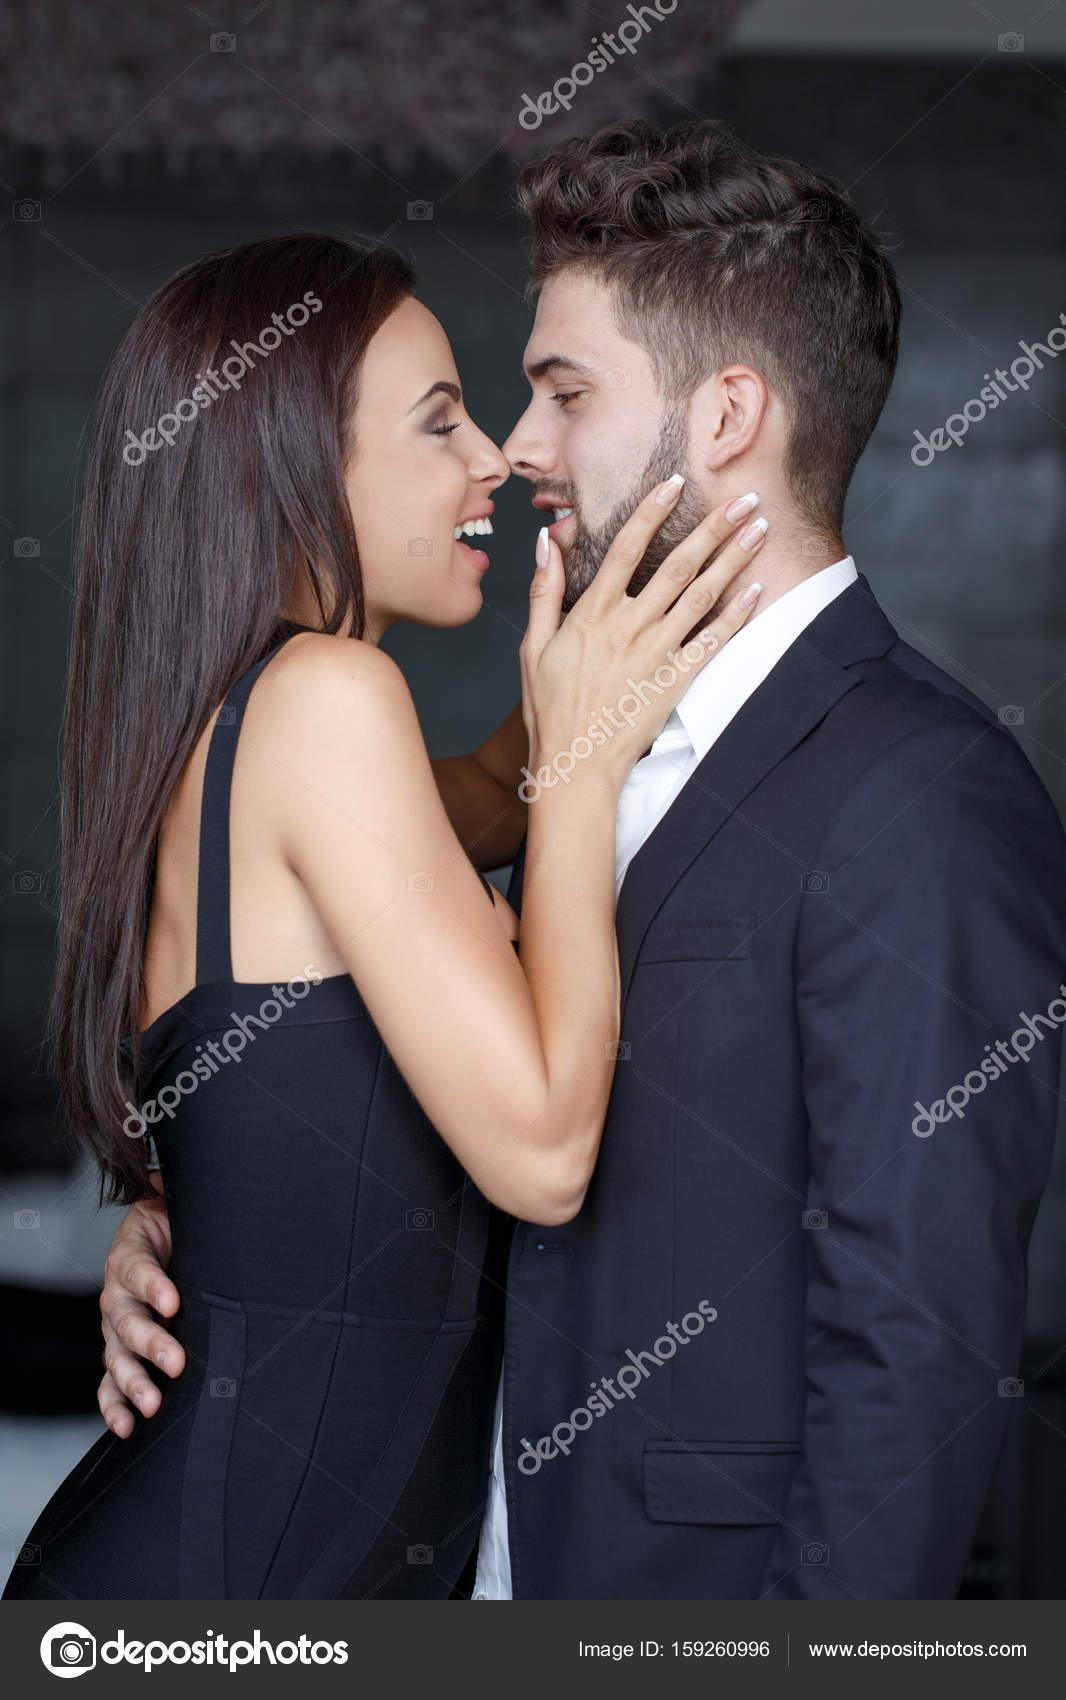 Ausgehängt oder Dating